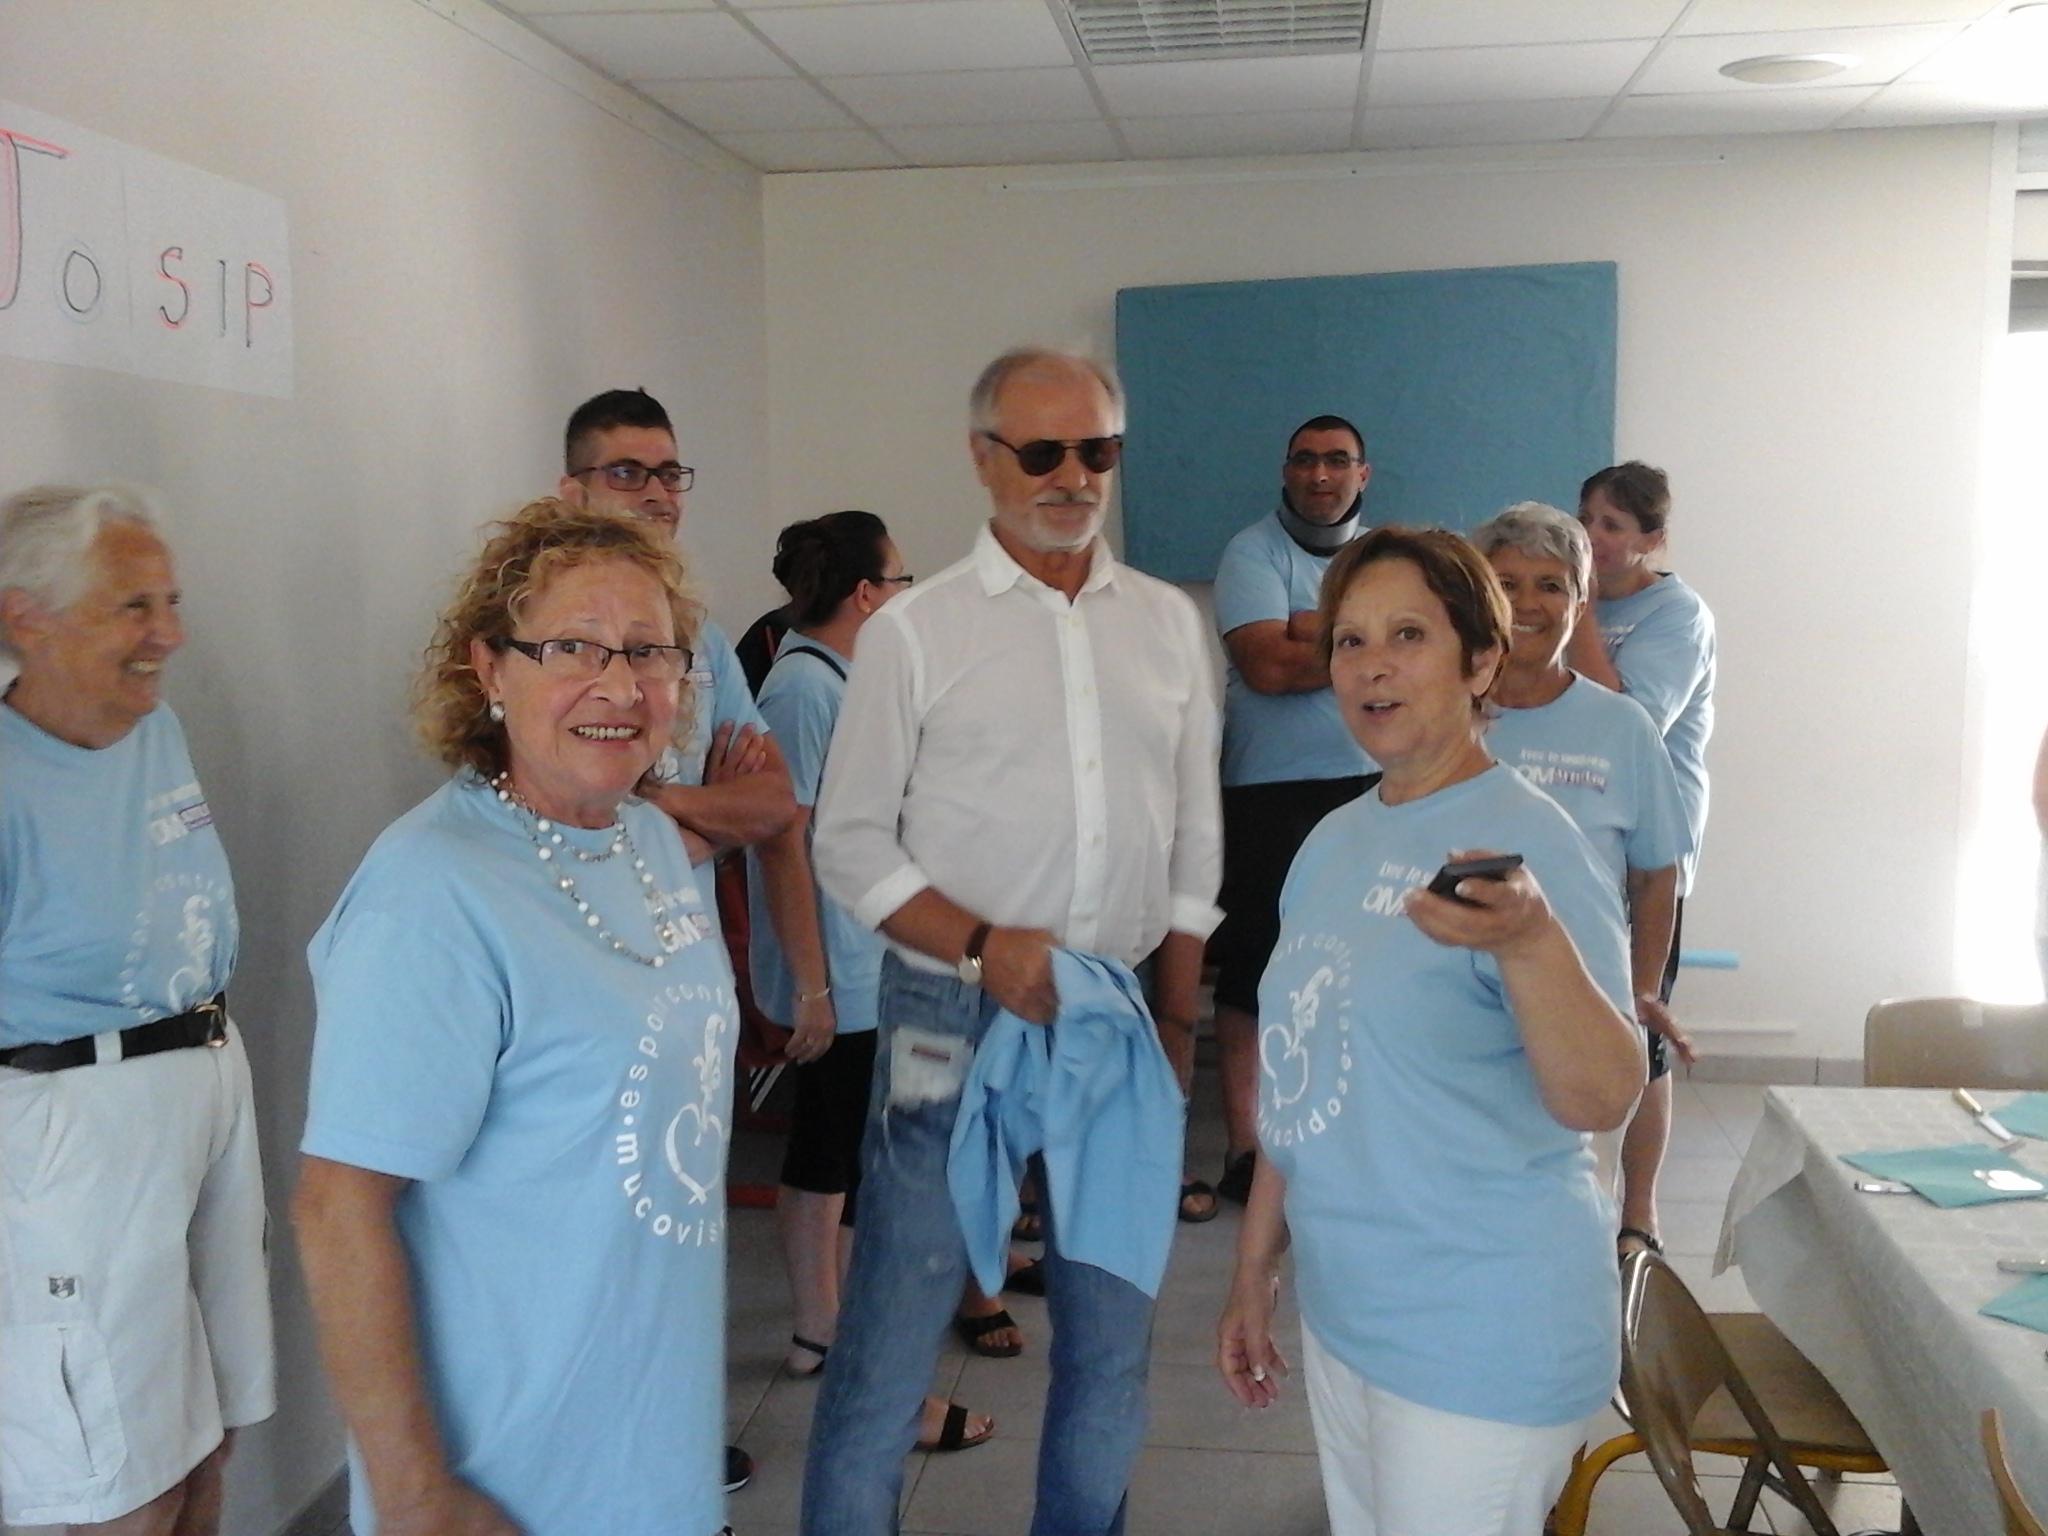 27 juin 2015 – Visite de notre parrain Josip Skoblar